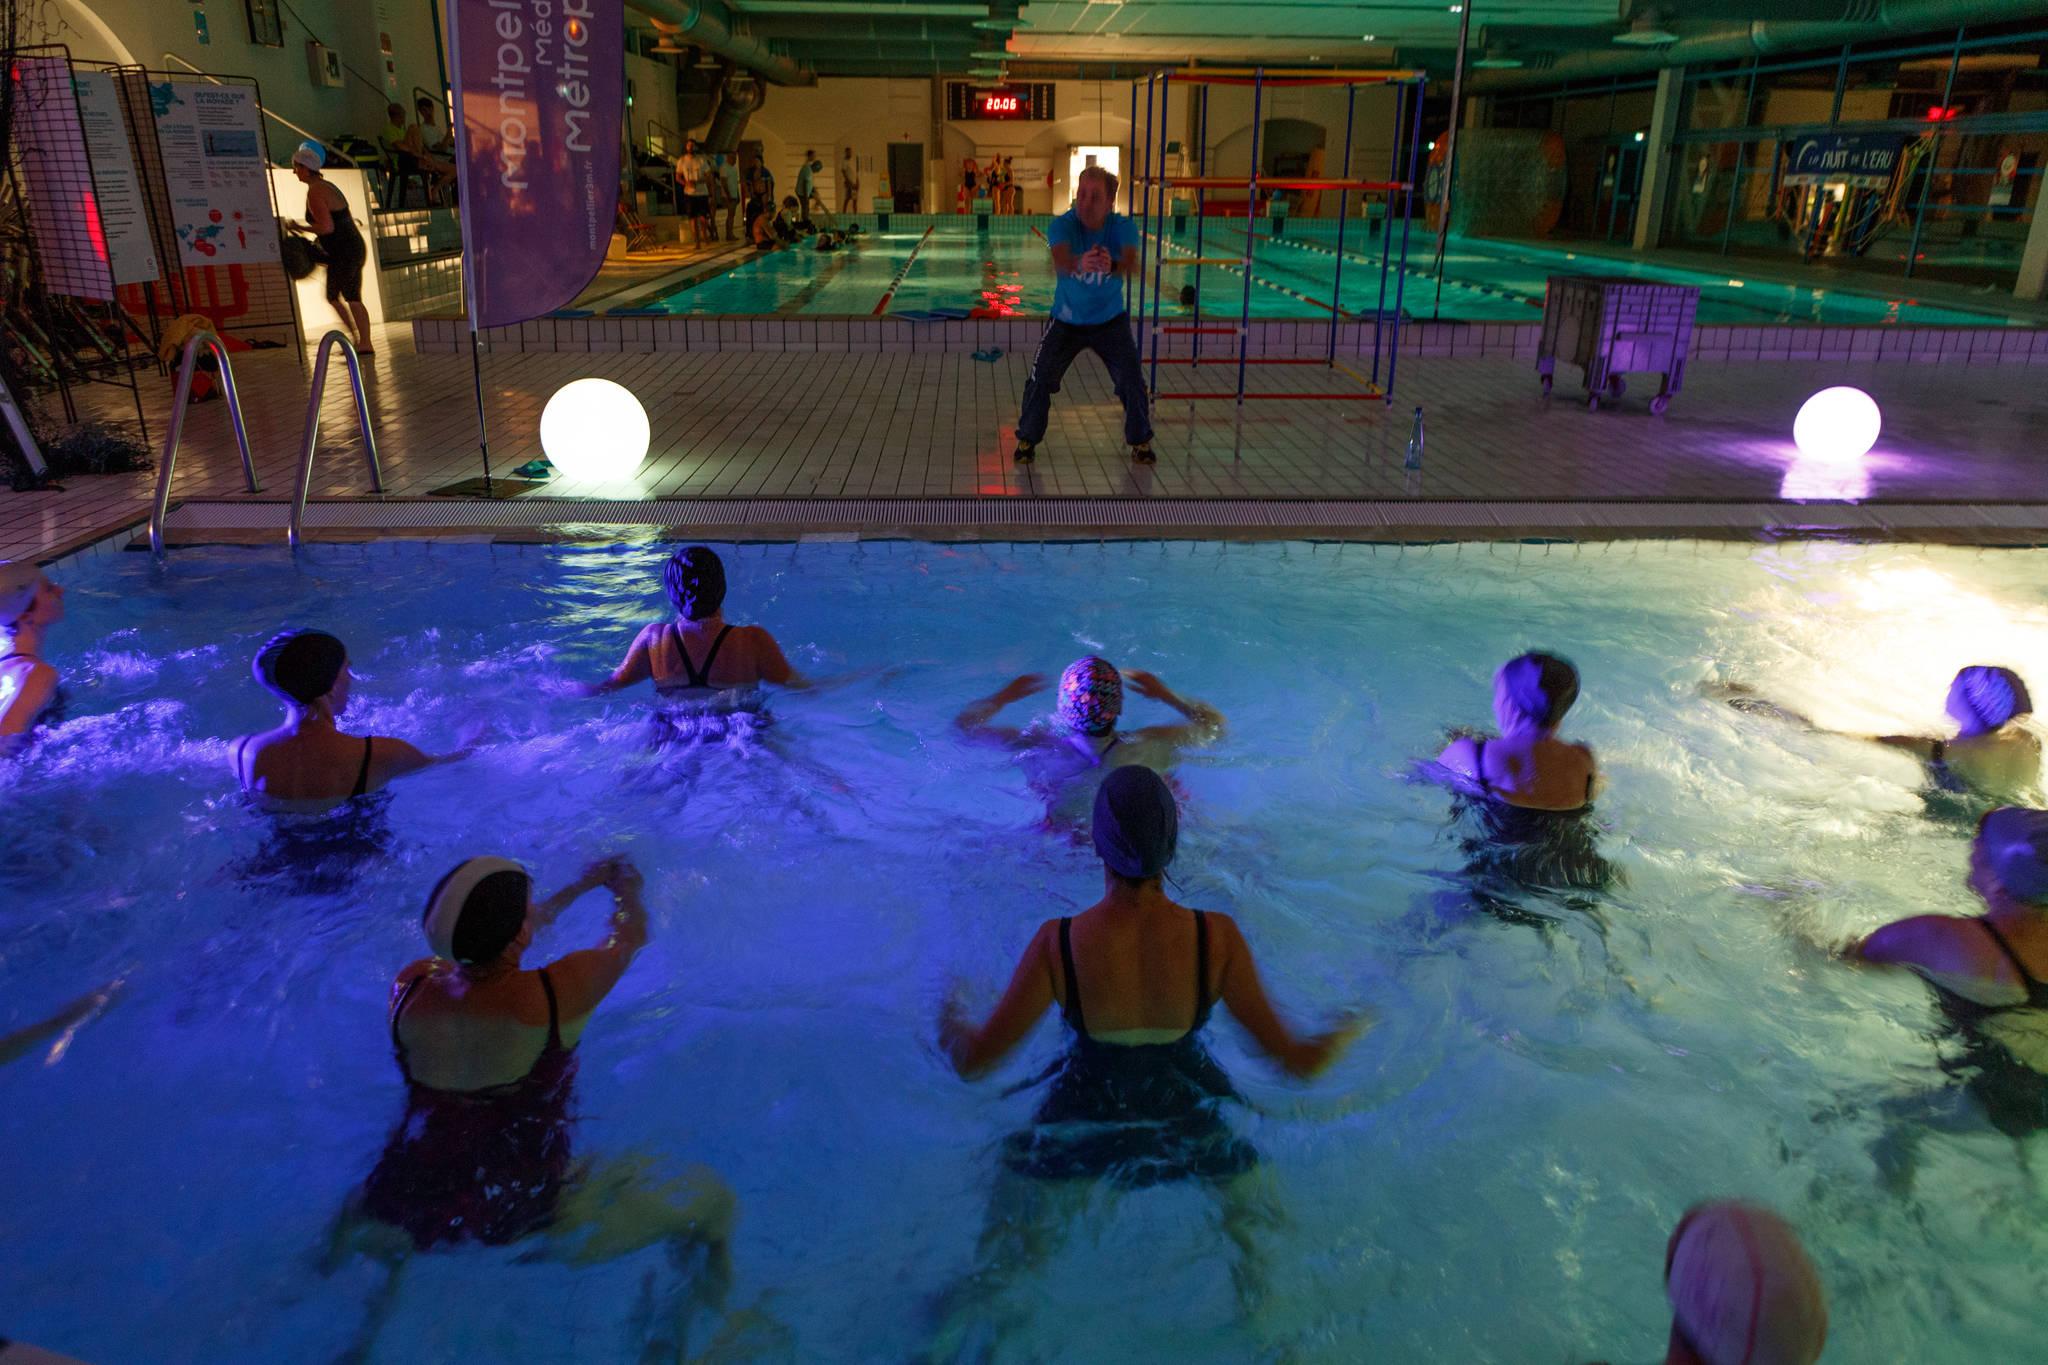 Les nuits de l 39 eau dans les piscines montpellier for Piscine neptune montpellier